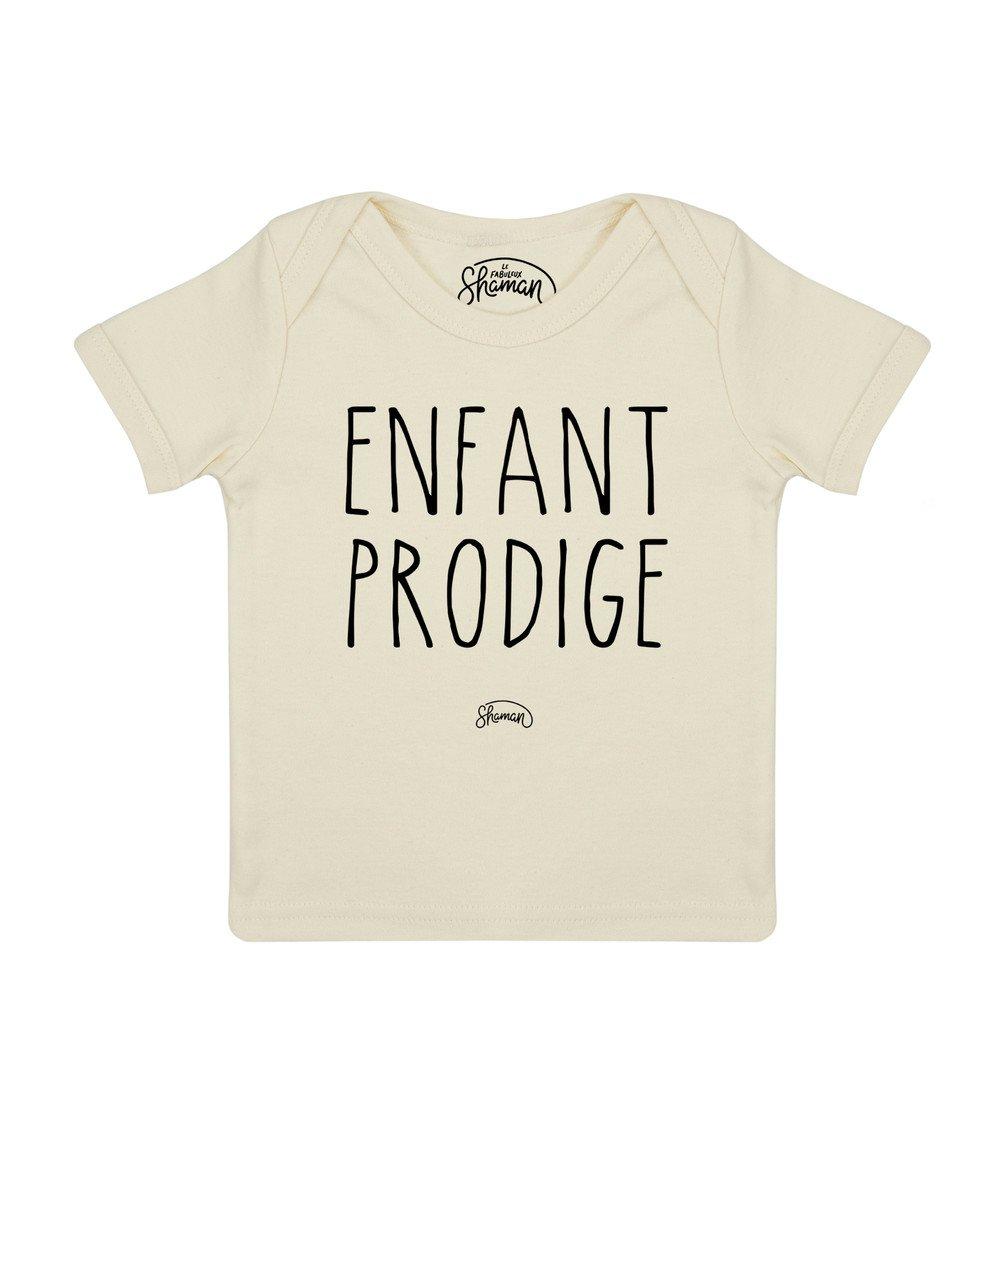 Tee shirt Enfant prodige